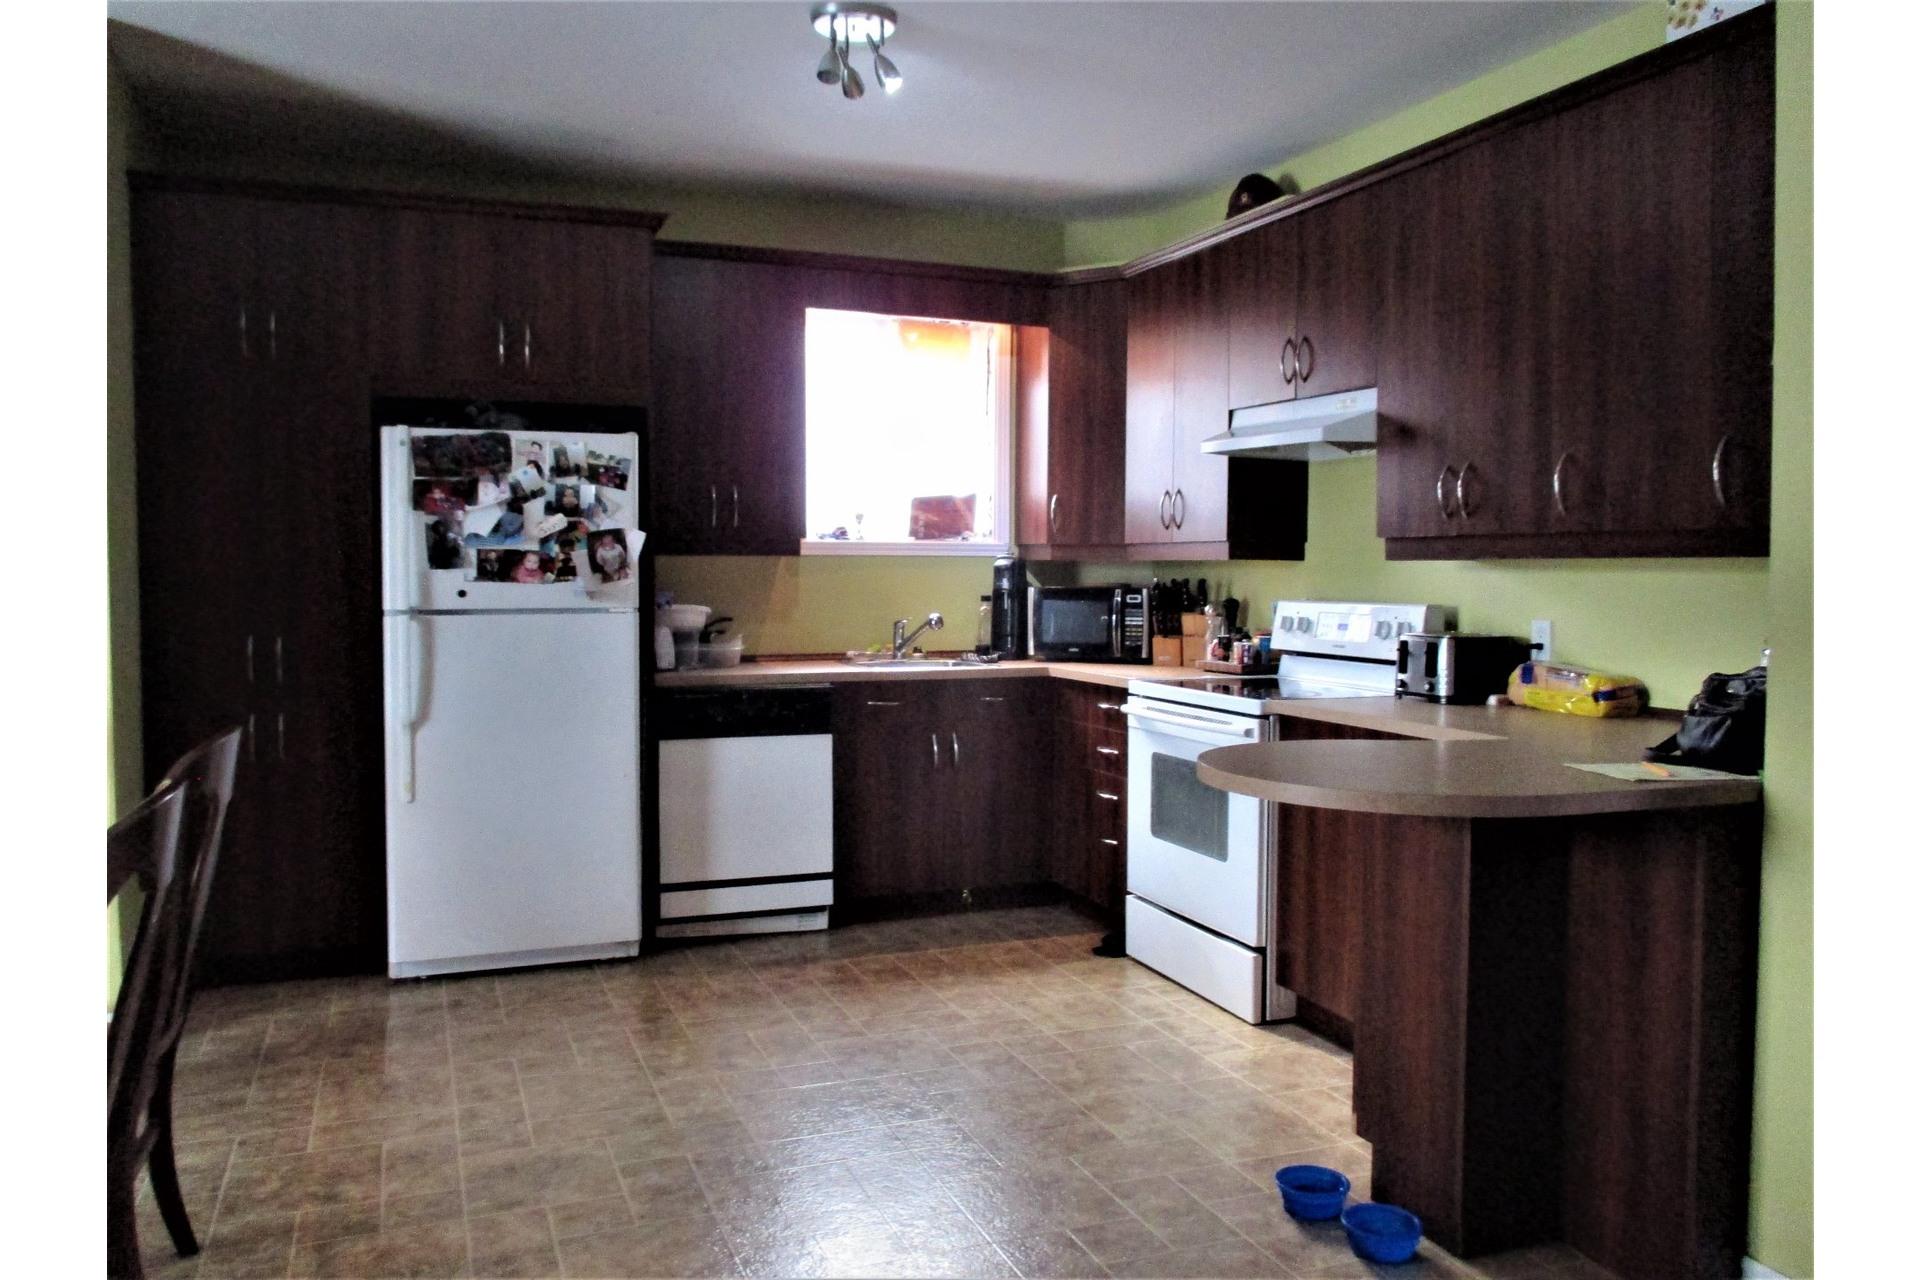 image 13 - Duplex À vendre Trois-Rivières - 4 pièces